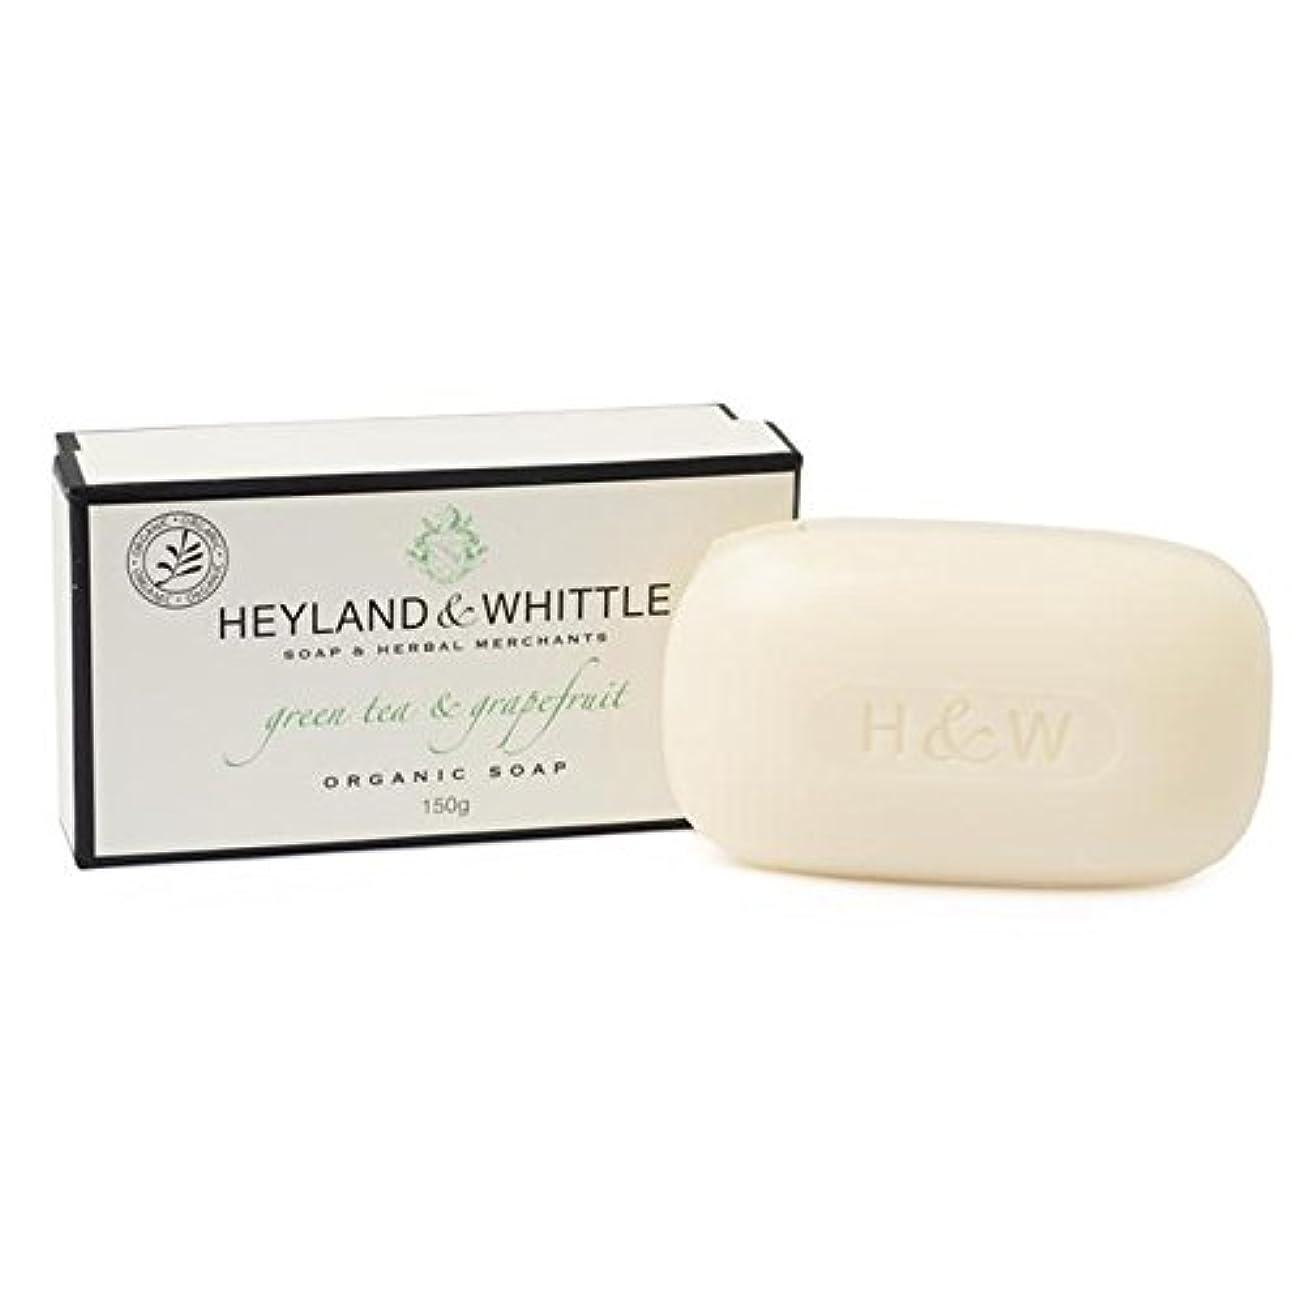 言語学ピザ酸度&削る緑茶&グレープフルーツはオーガニックソープ150グラム箱入り x2 - Heyland & Whittle Green Tea & Grapefruit Boxed Organic Soap 150g (Pack...